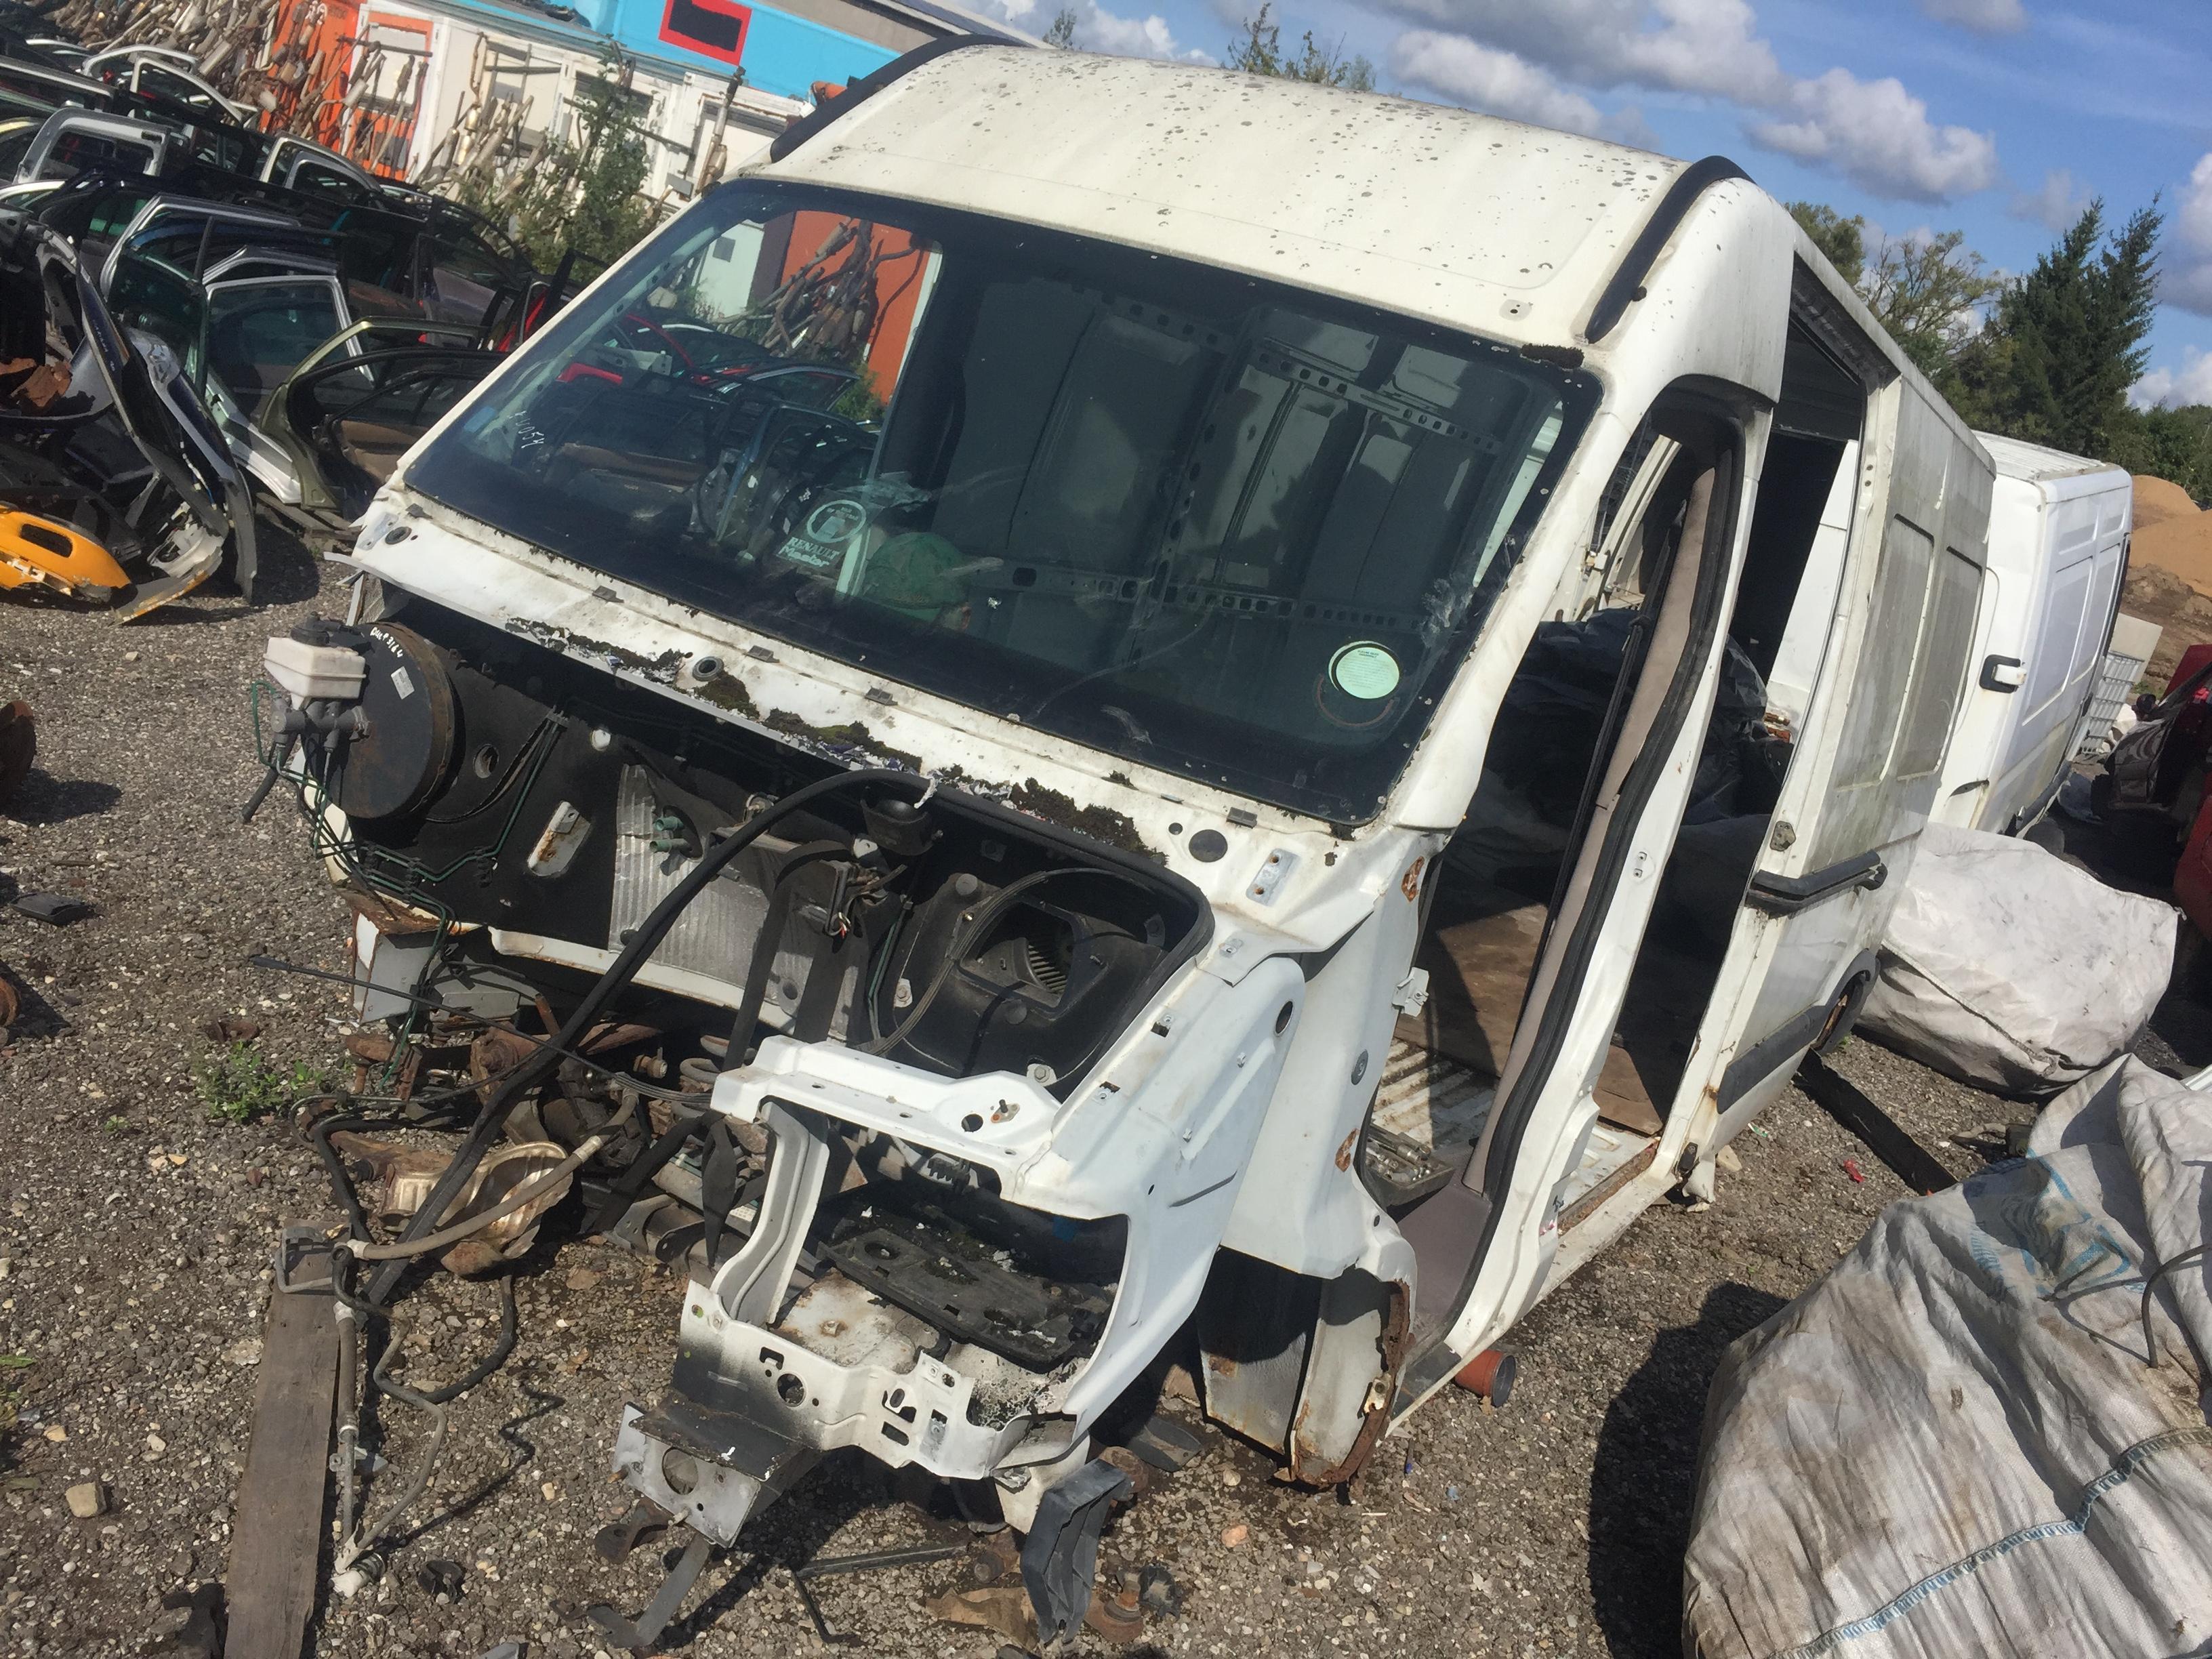 Подержанные Автозапчасти Foto 2 Renault MASTER 2001 2.8 машиностроение микроавтобус 4/5 d. белый 2018-8-27 A4054